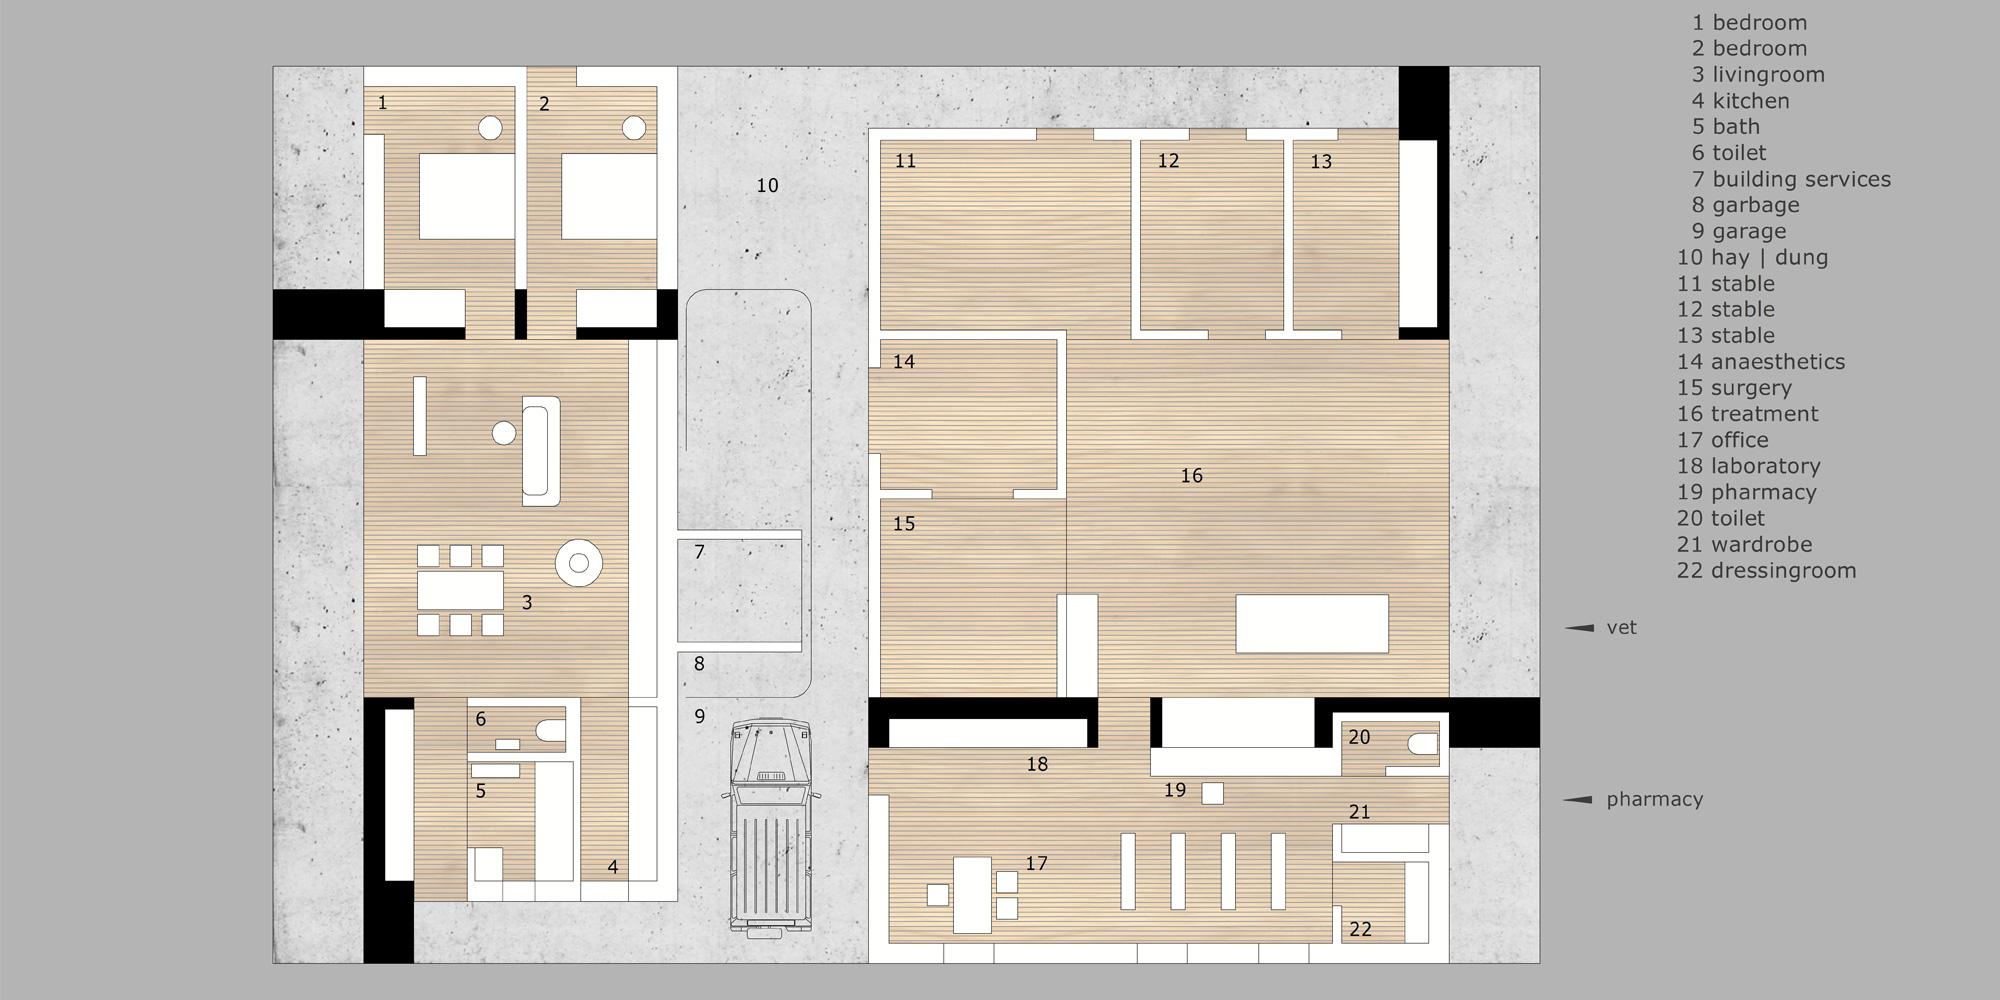 Pianta Piano Terra © Marte.Marte Architekten